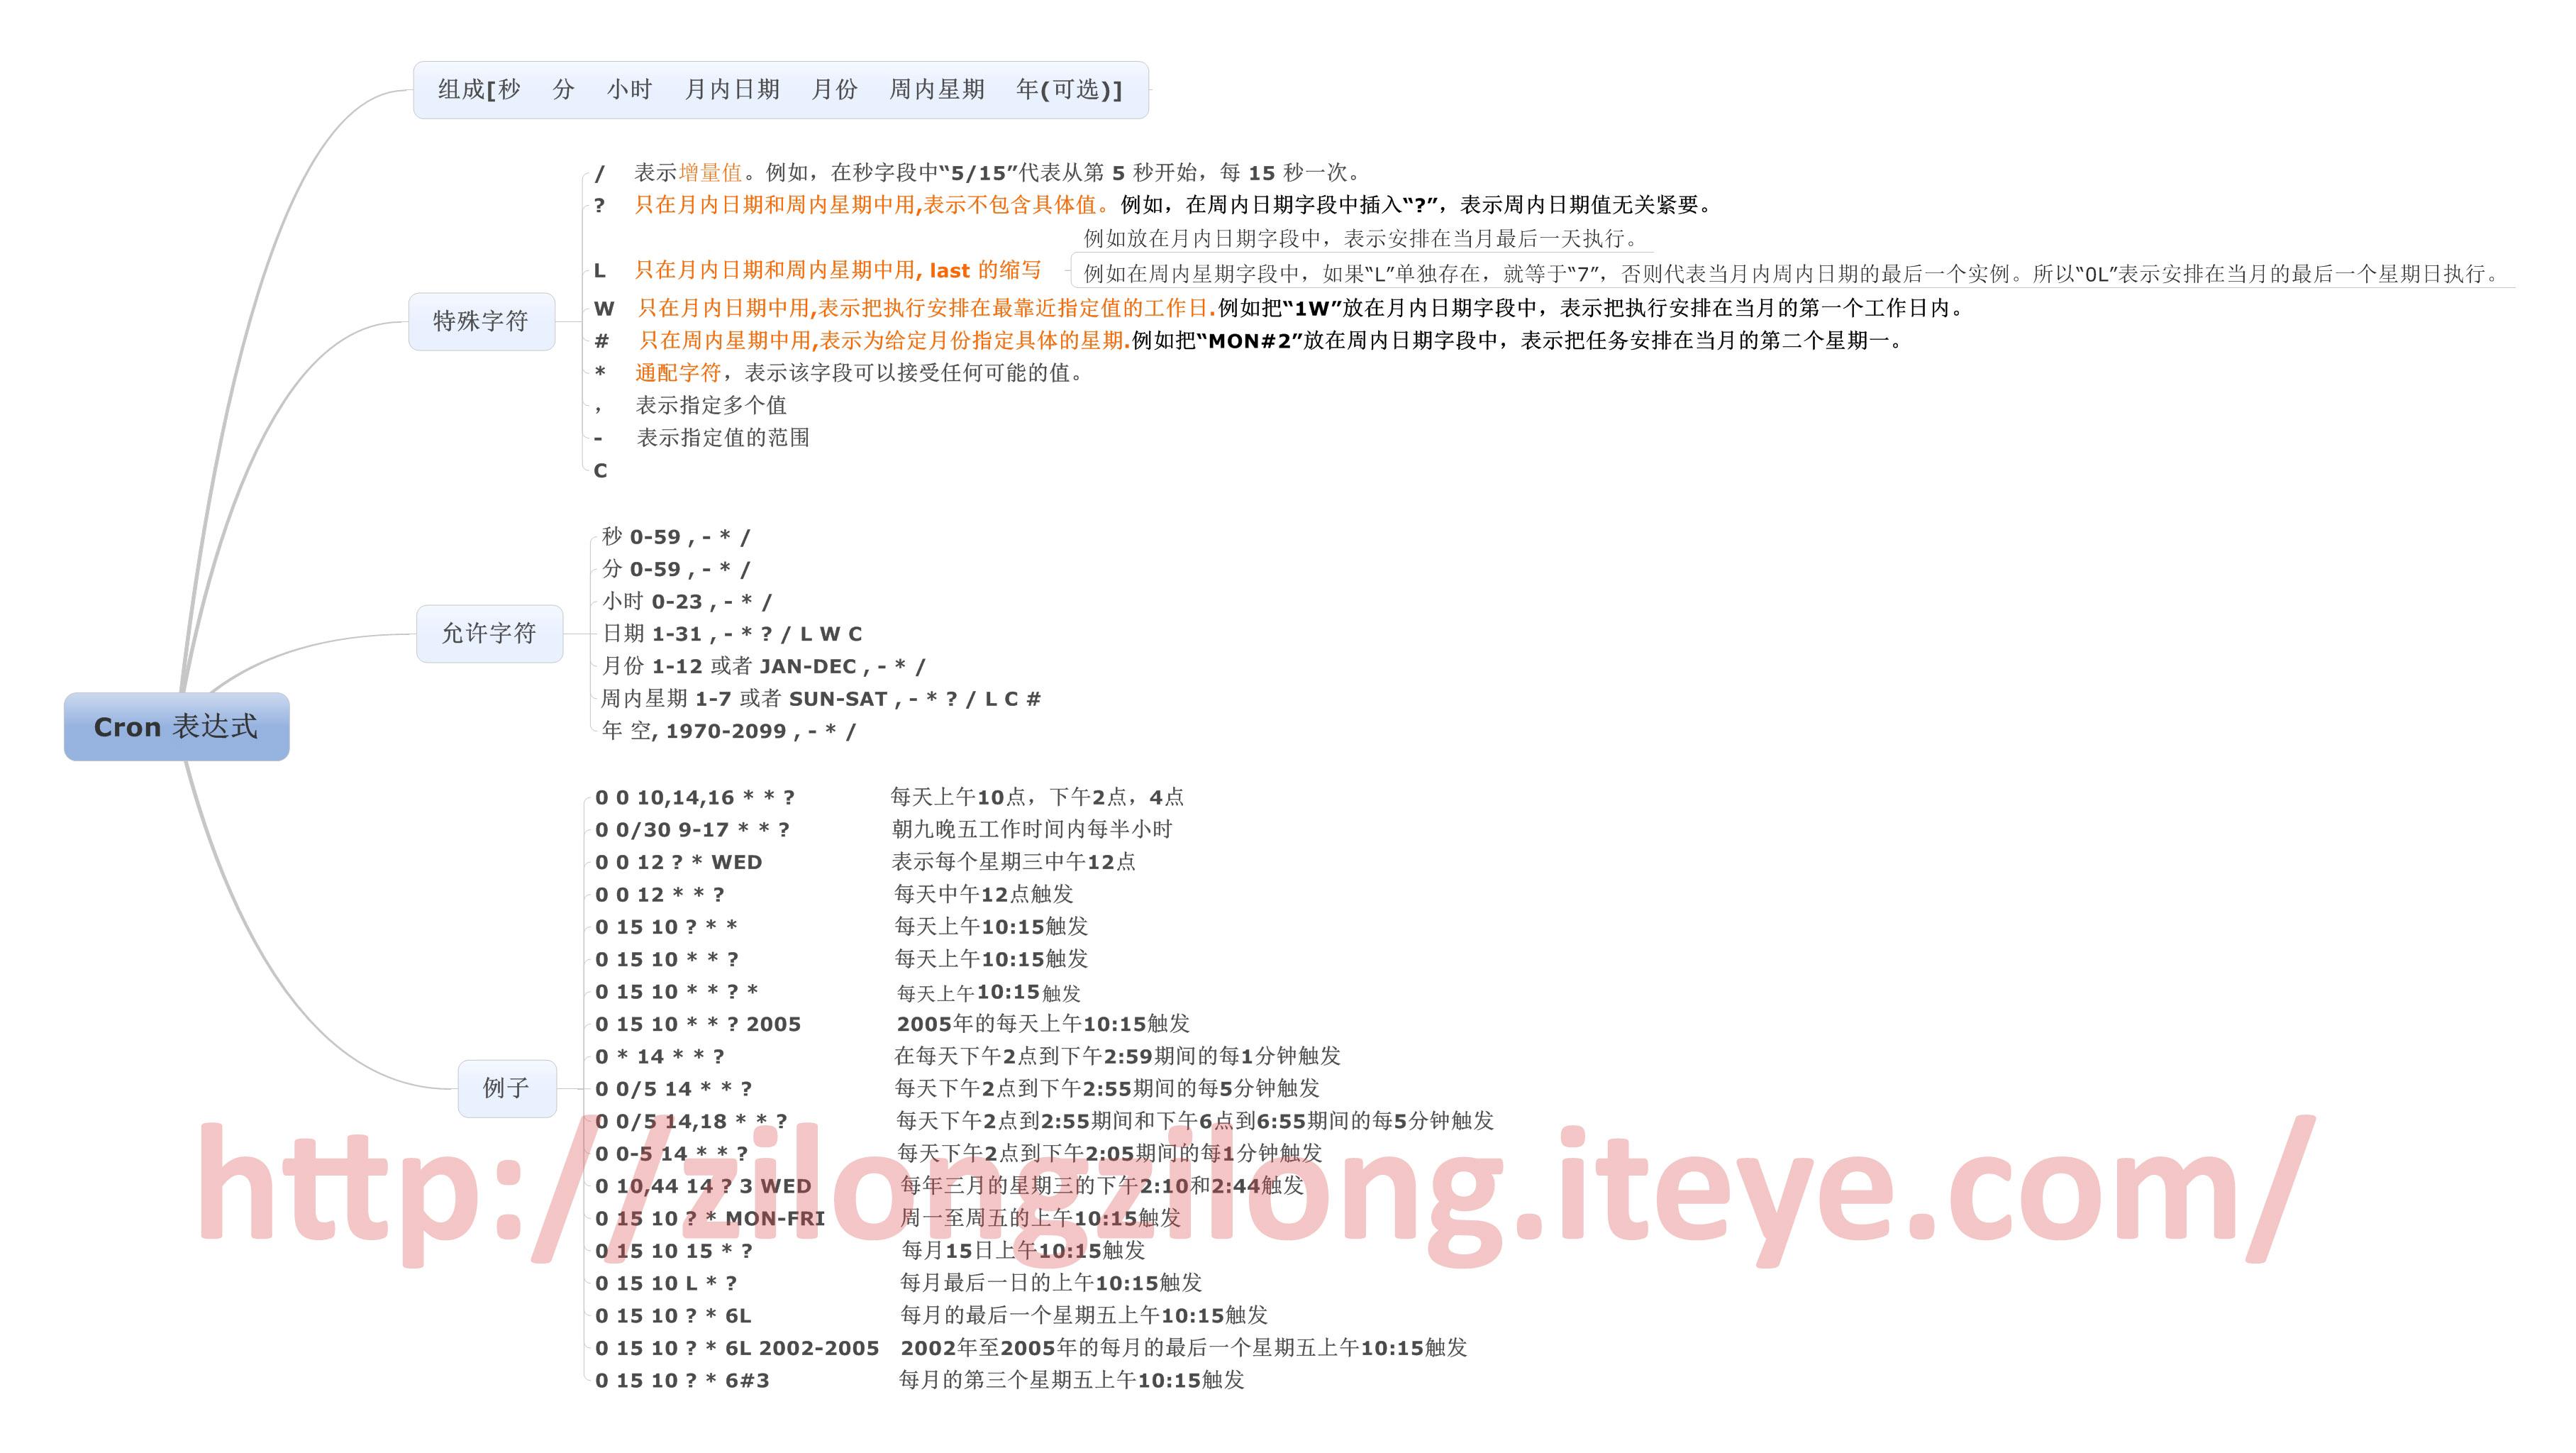 学习总结--(1)一张图了解cron表达式-中国学网-